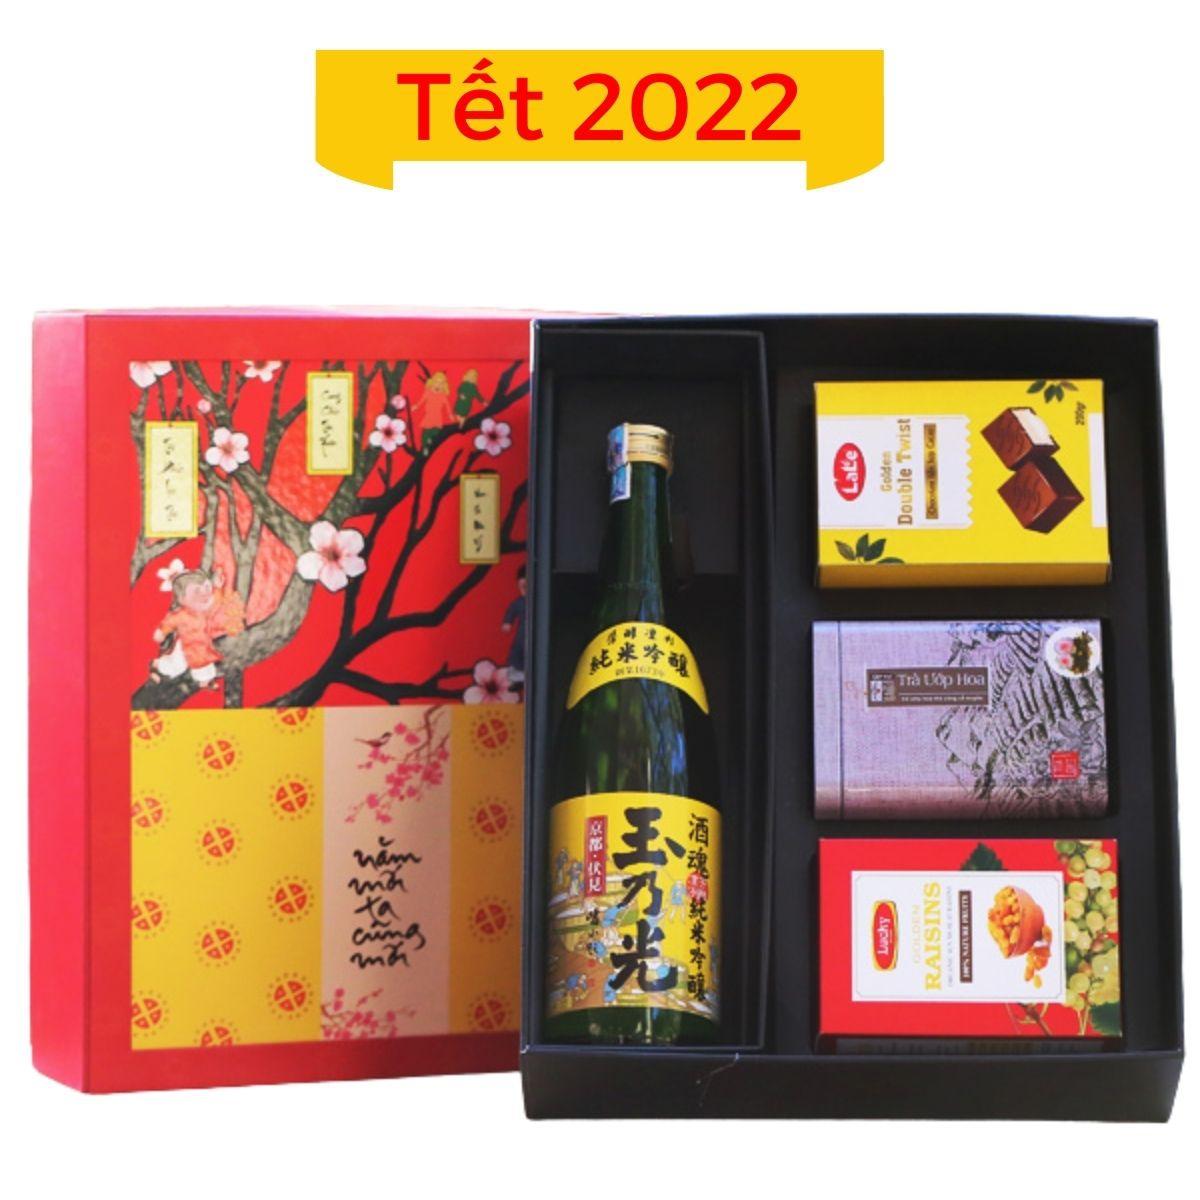 Hộp quà Tết 2022 mẫu 05